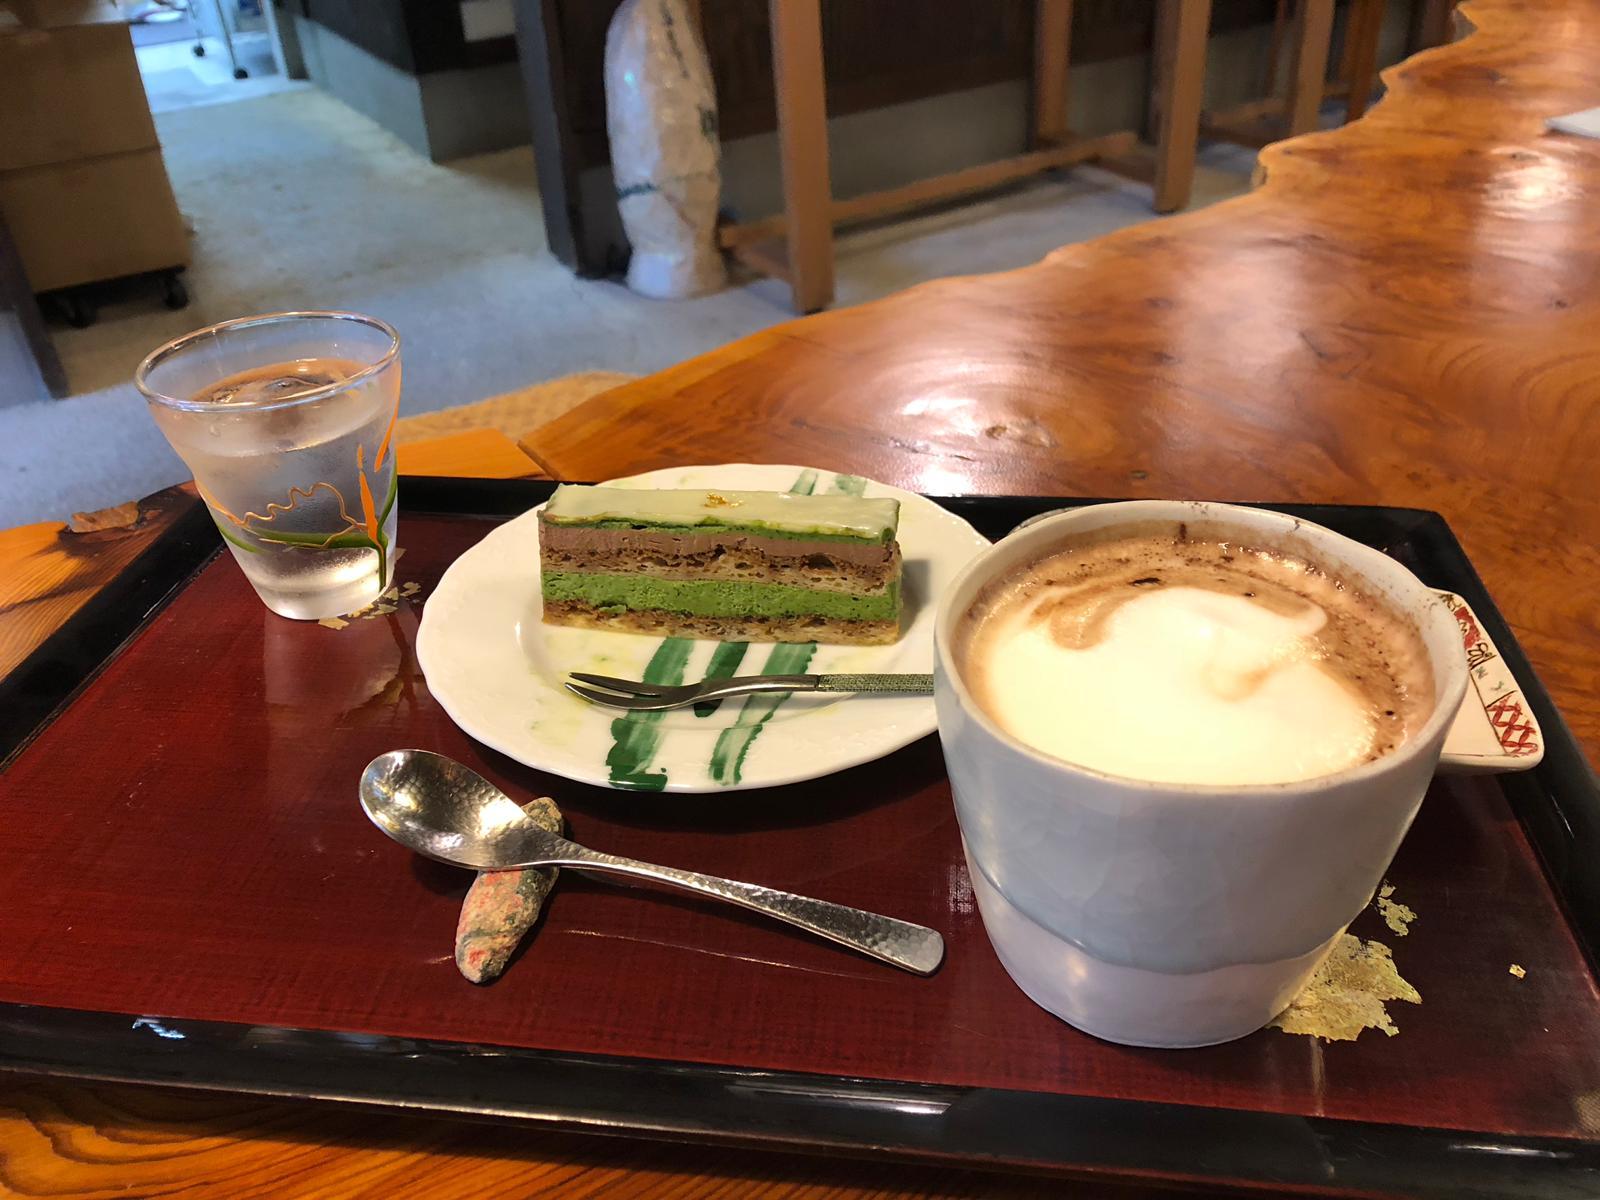 קפה קומה (צילום: סבינה חושן)